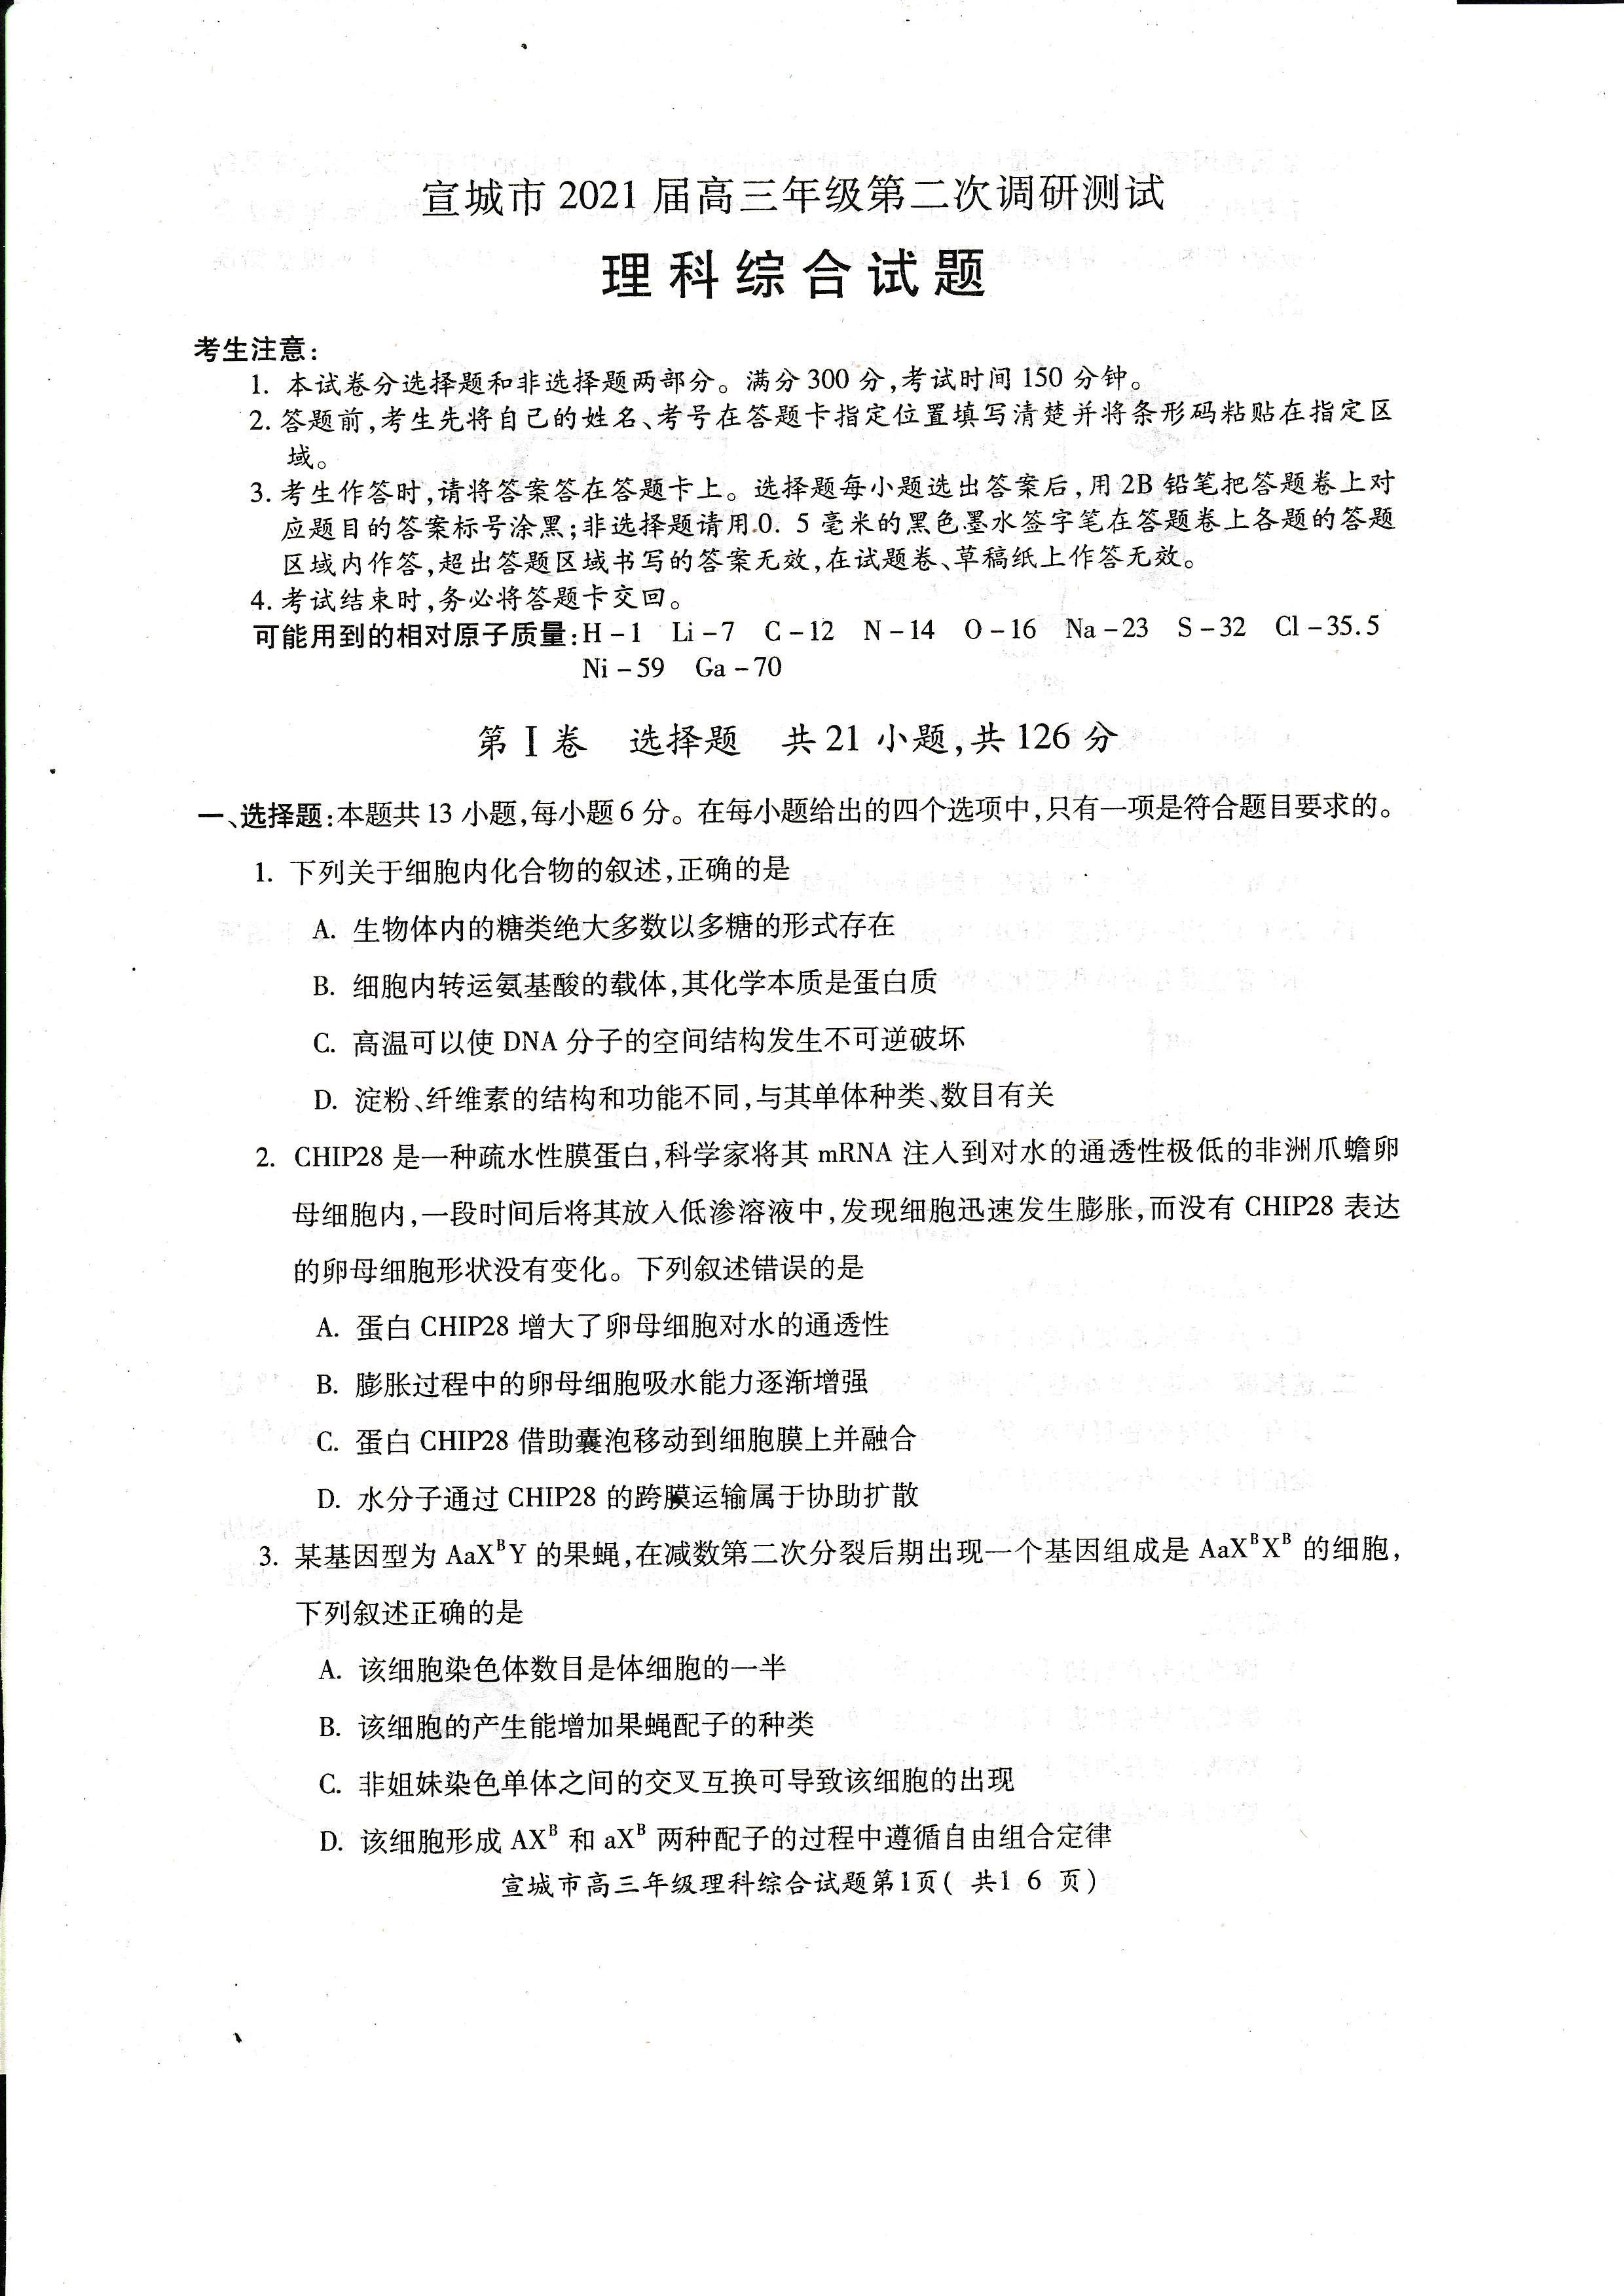 安徽省六安市舒城中学2021届高三下学期5月仿真试卷(二)理科综合试题 Word版含答案